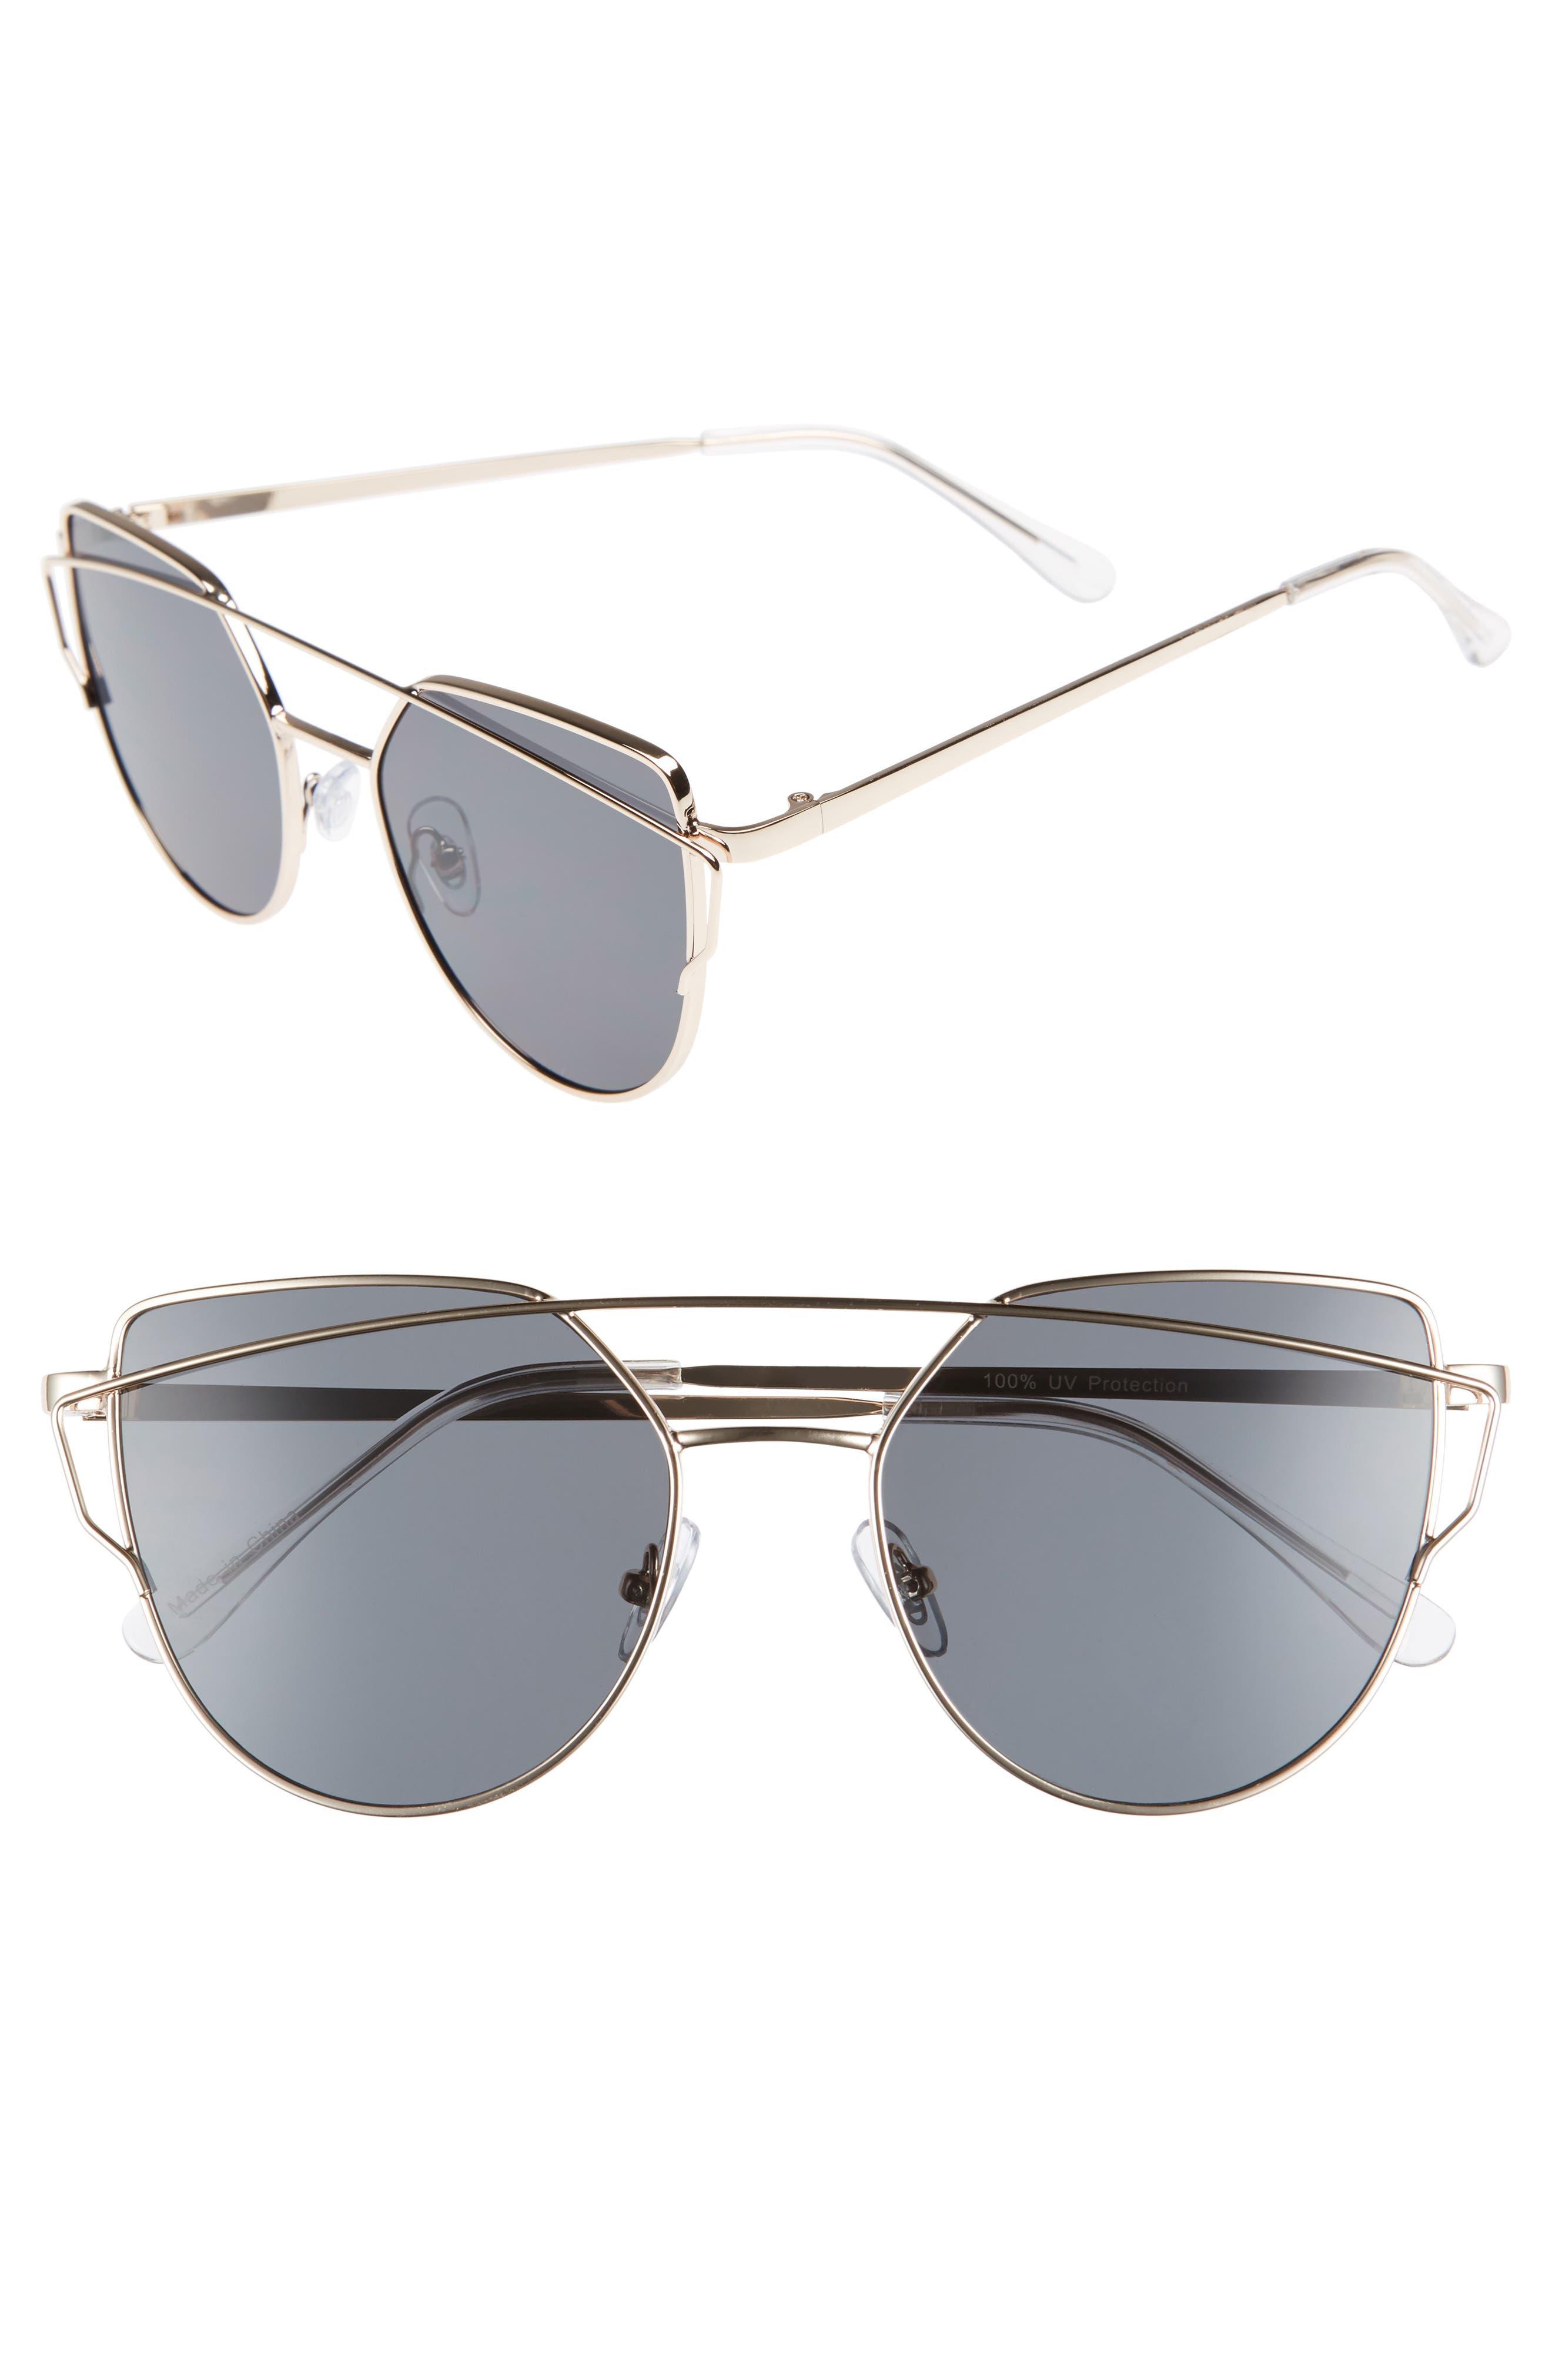 BP. 51mm Thin Brow Angular Aviator Sunglasses